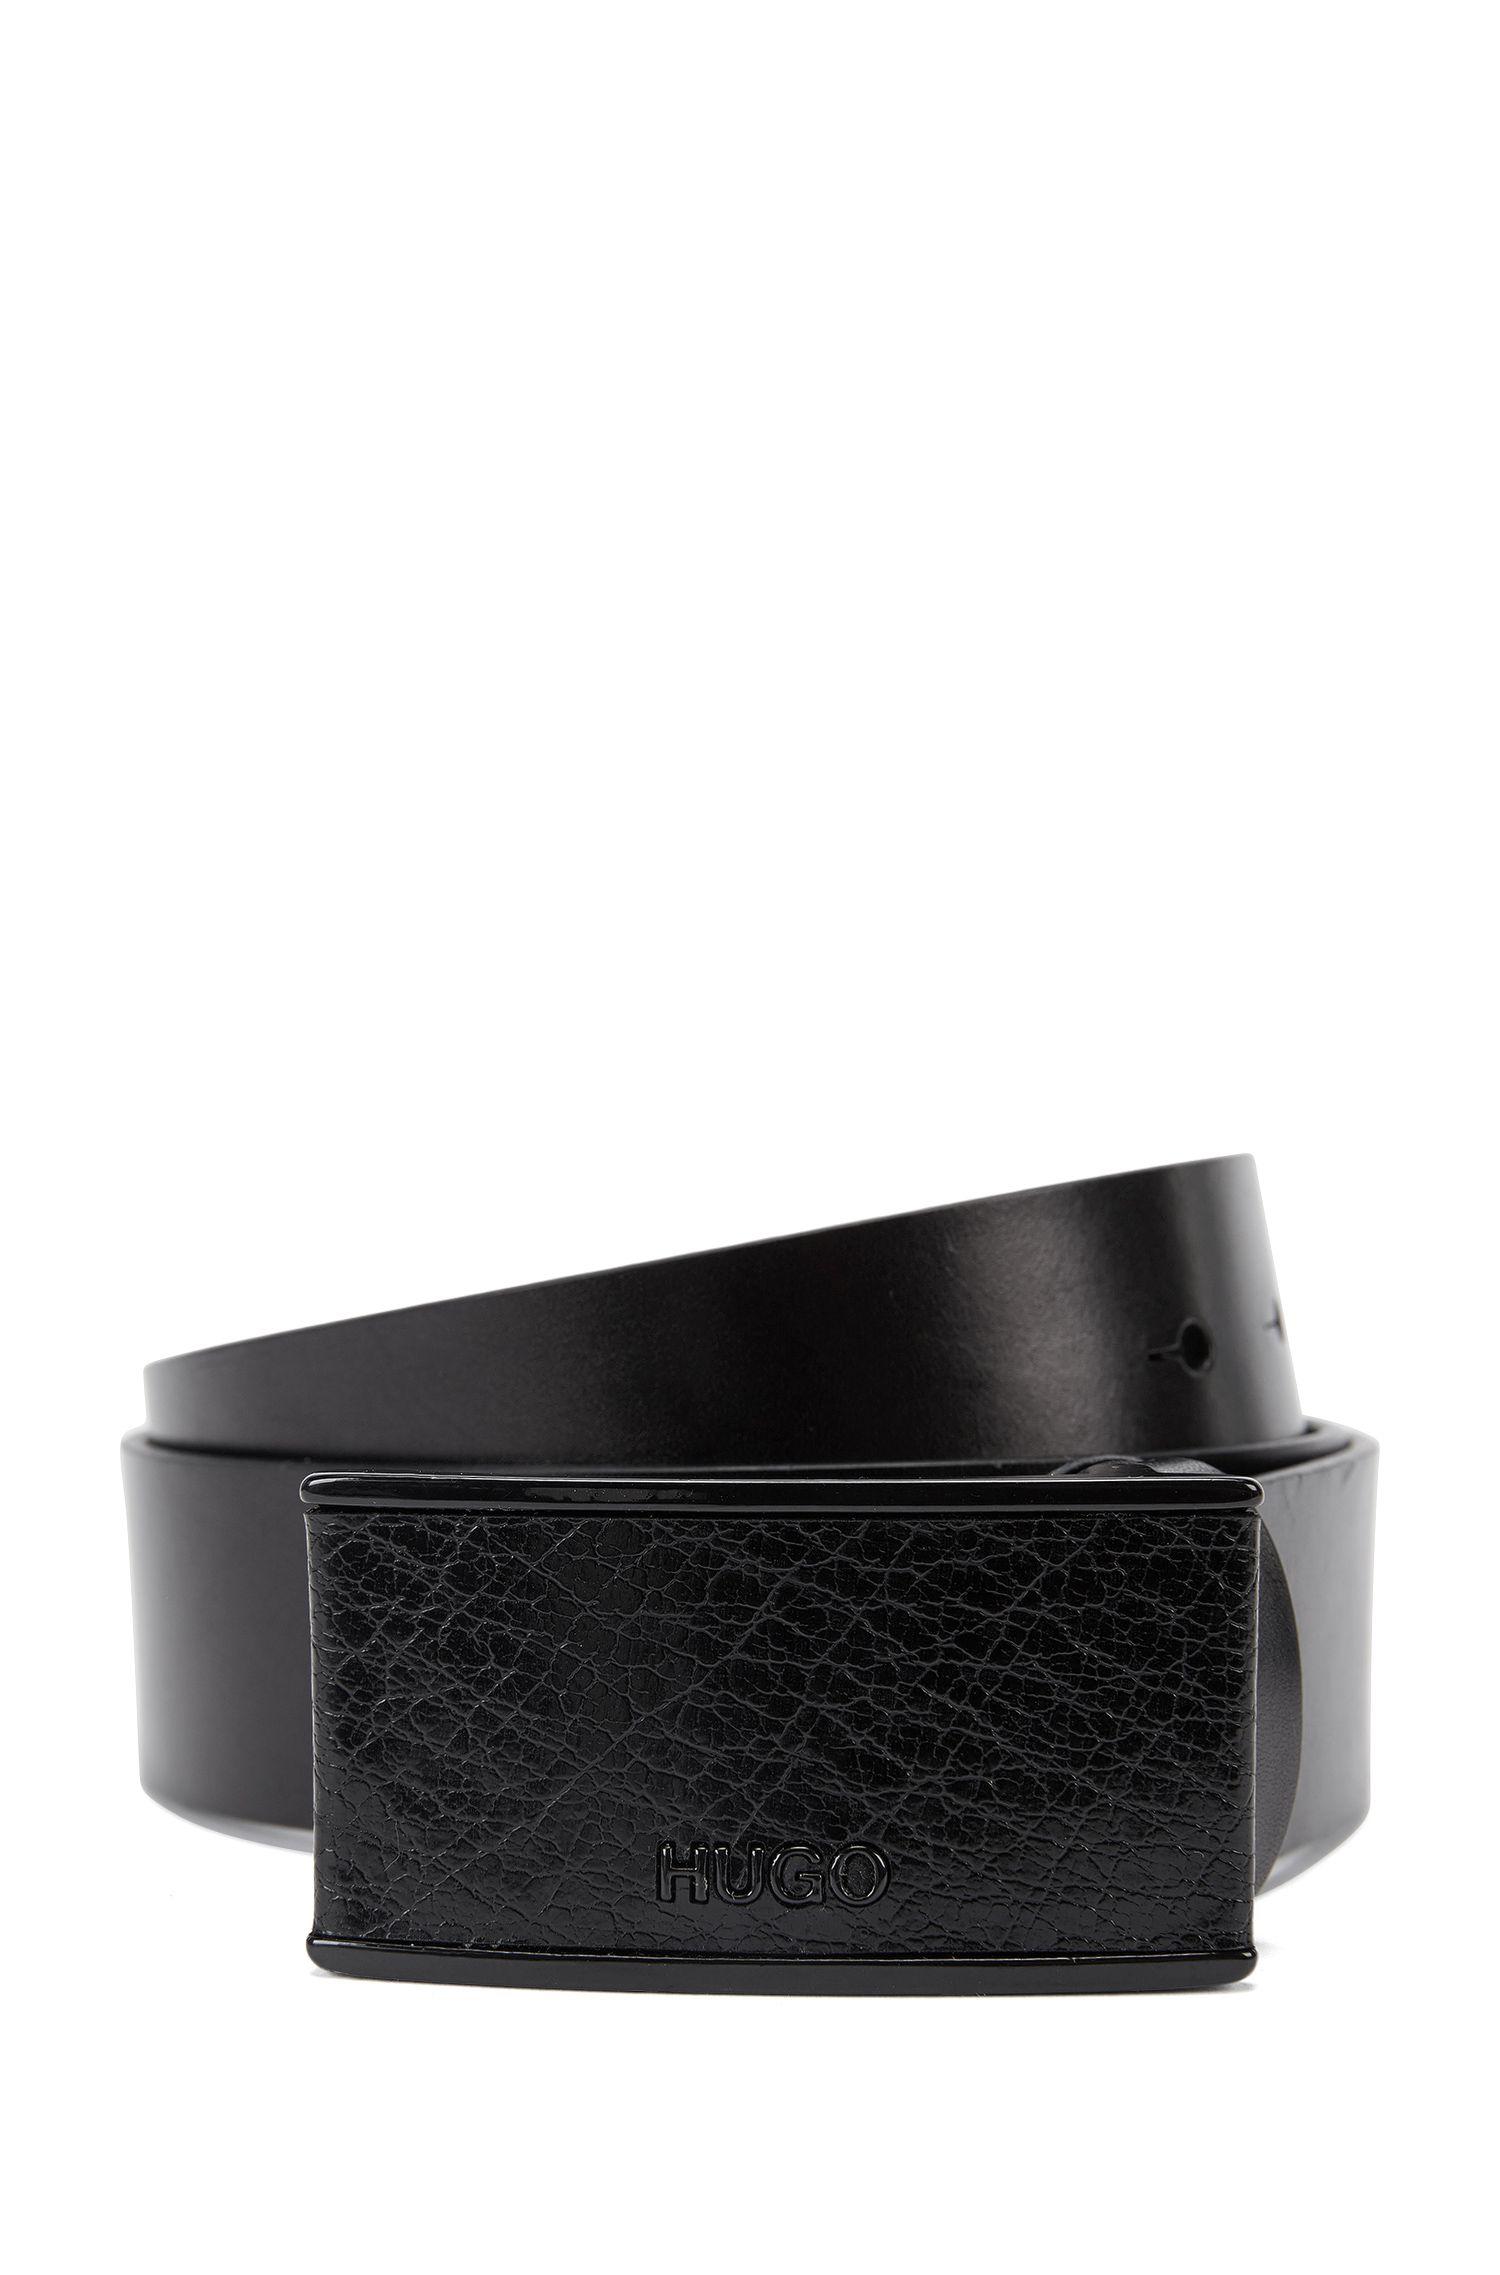 Cinturón de piel con hebilla de placa recubierta